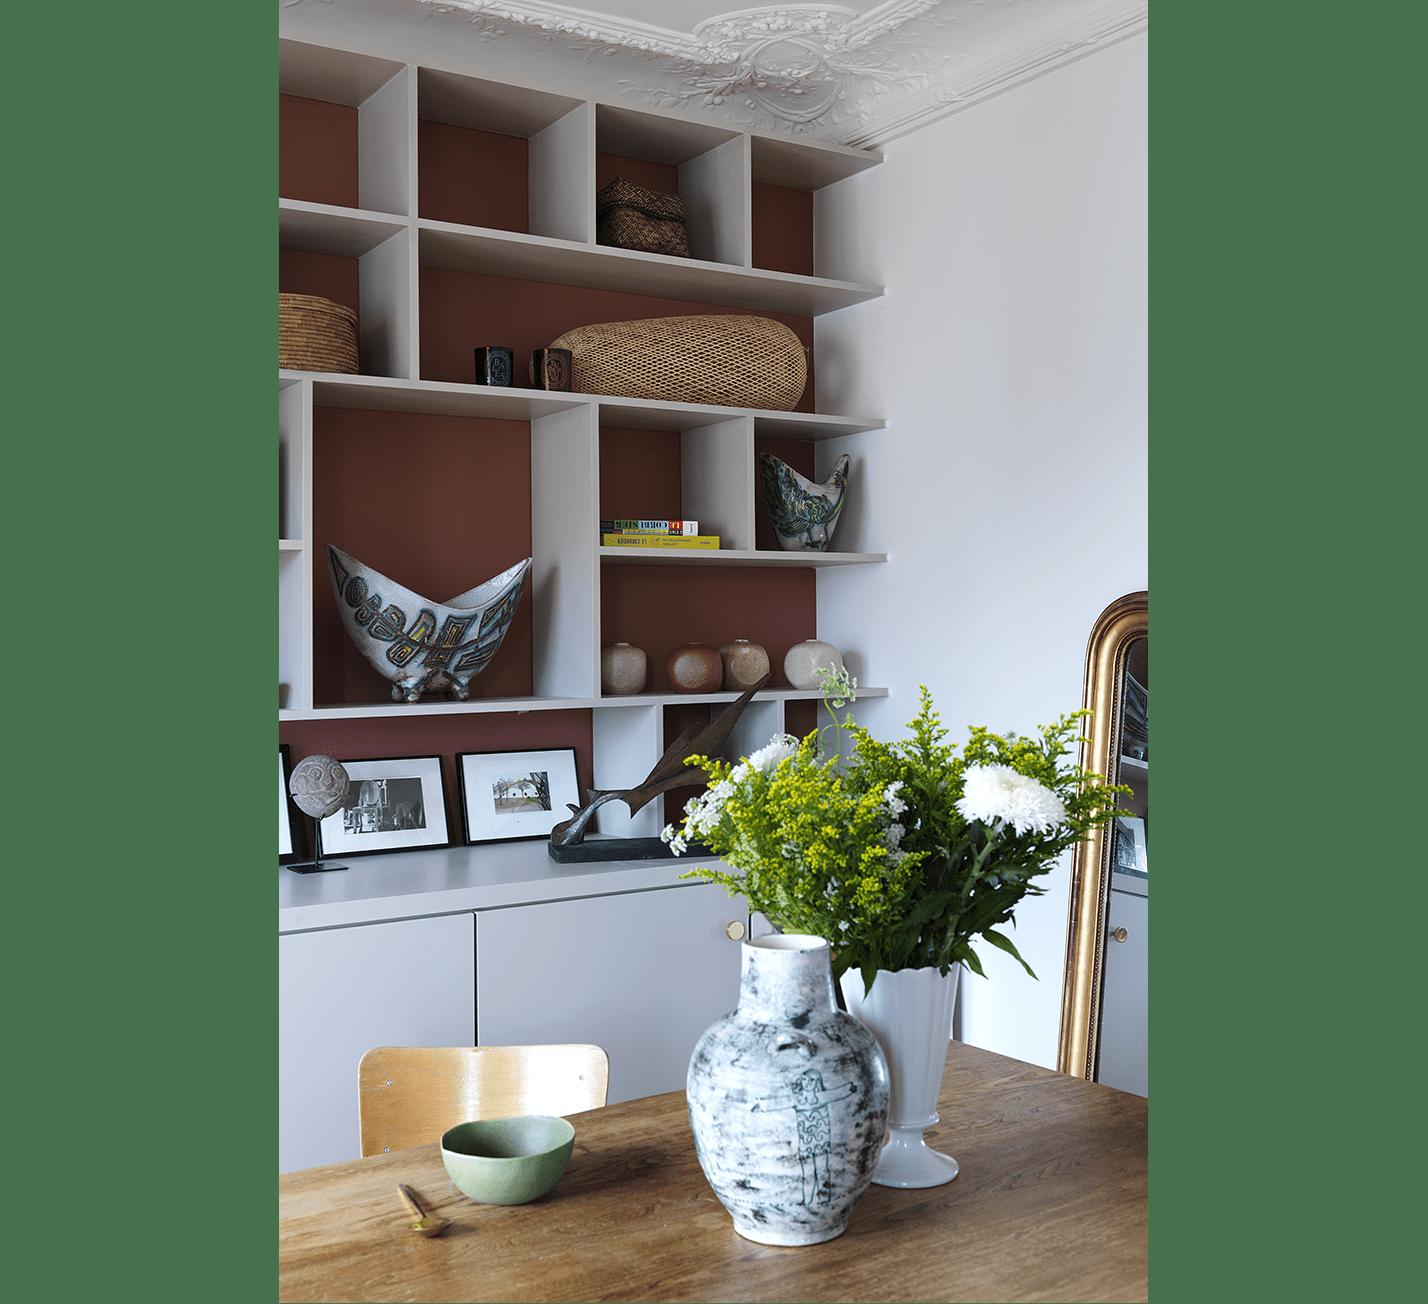 Projet-Felix-Atelier-Steve-Pauline-Borgia-Architecture-interieur-03-min